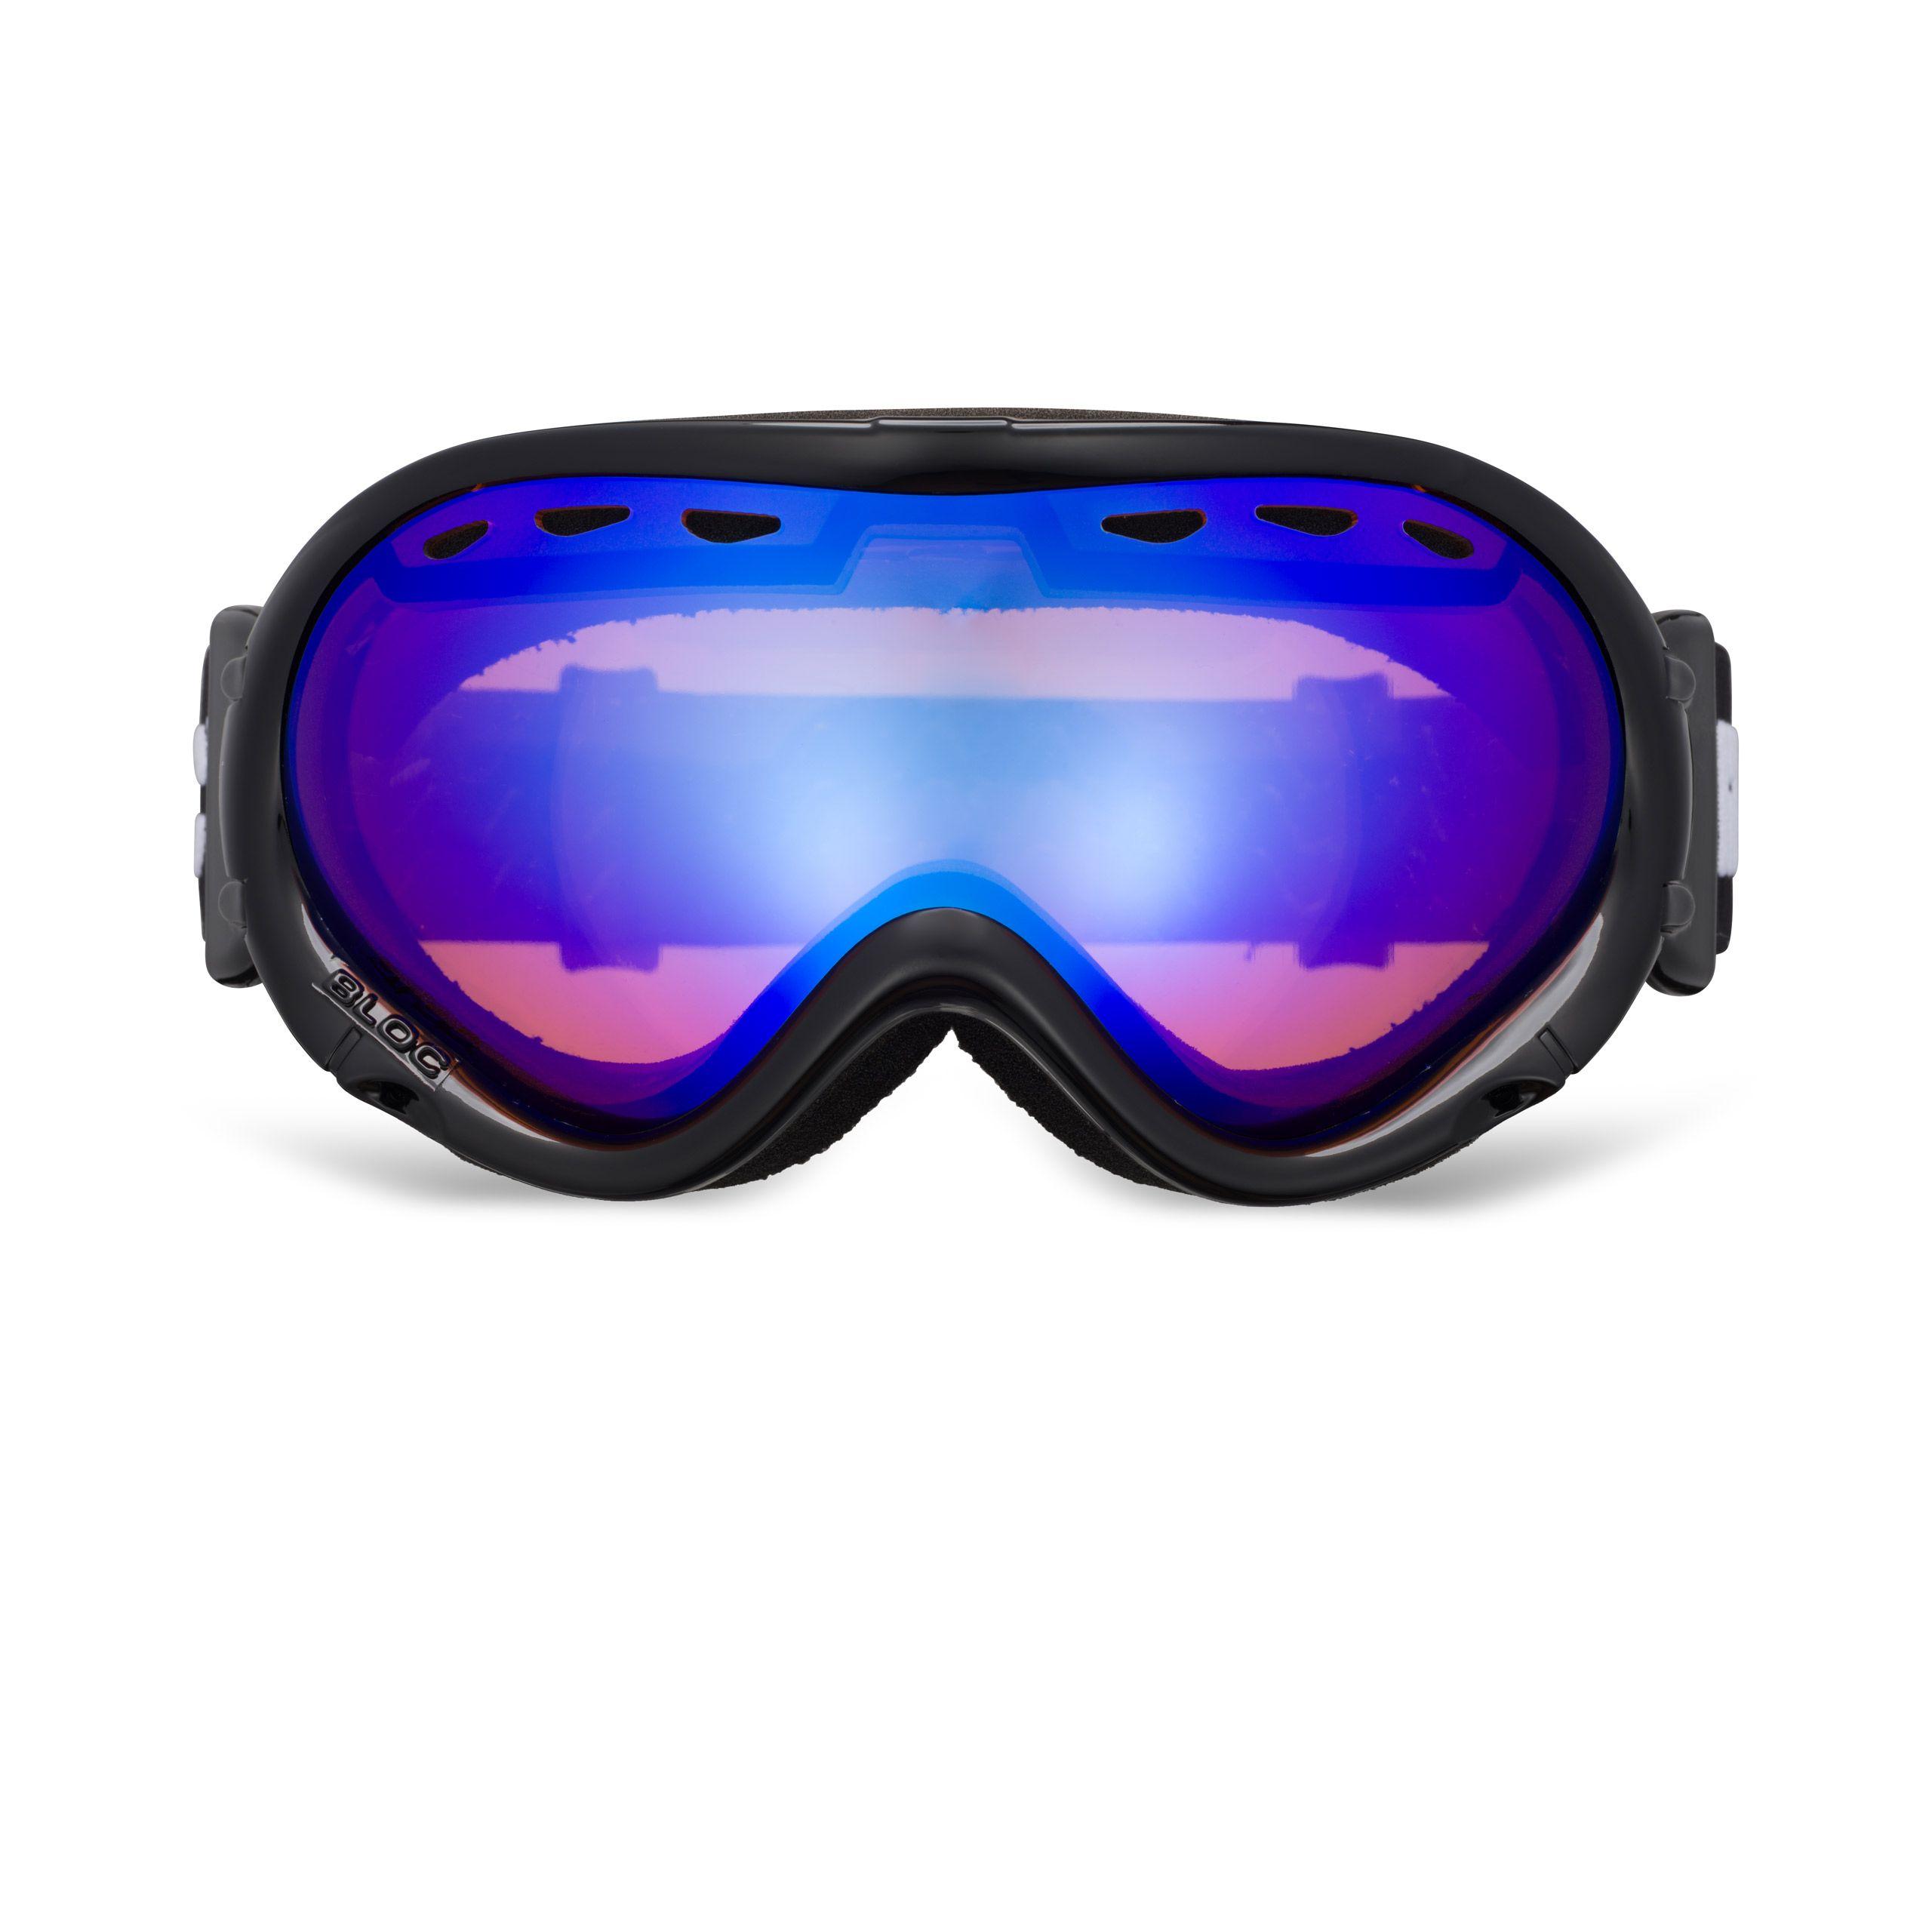 Bloc Spirit 3 Otg Goggles